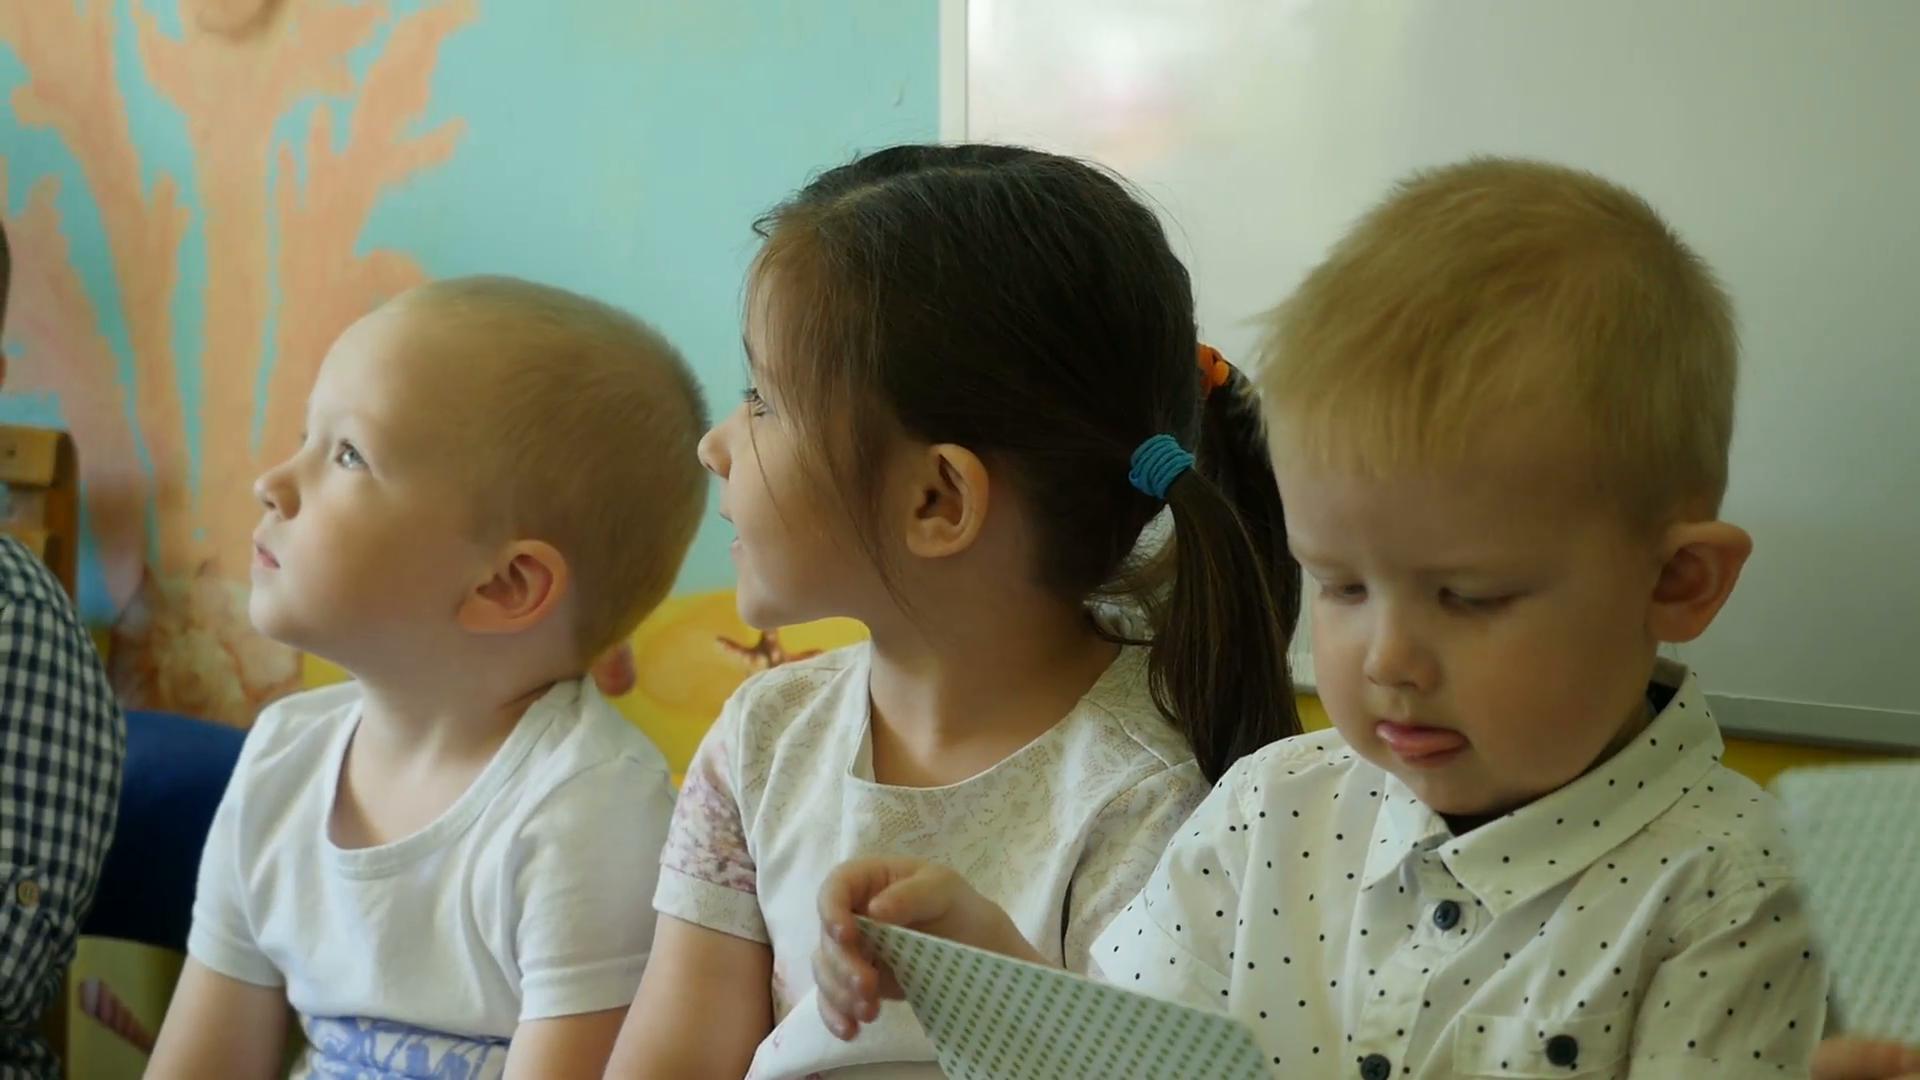 Little Children PNG HD - 129833